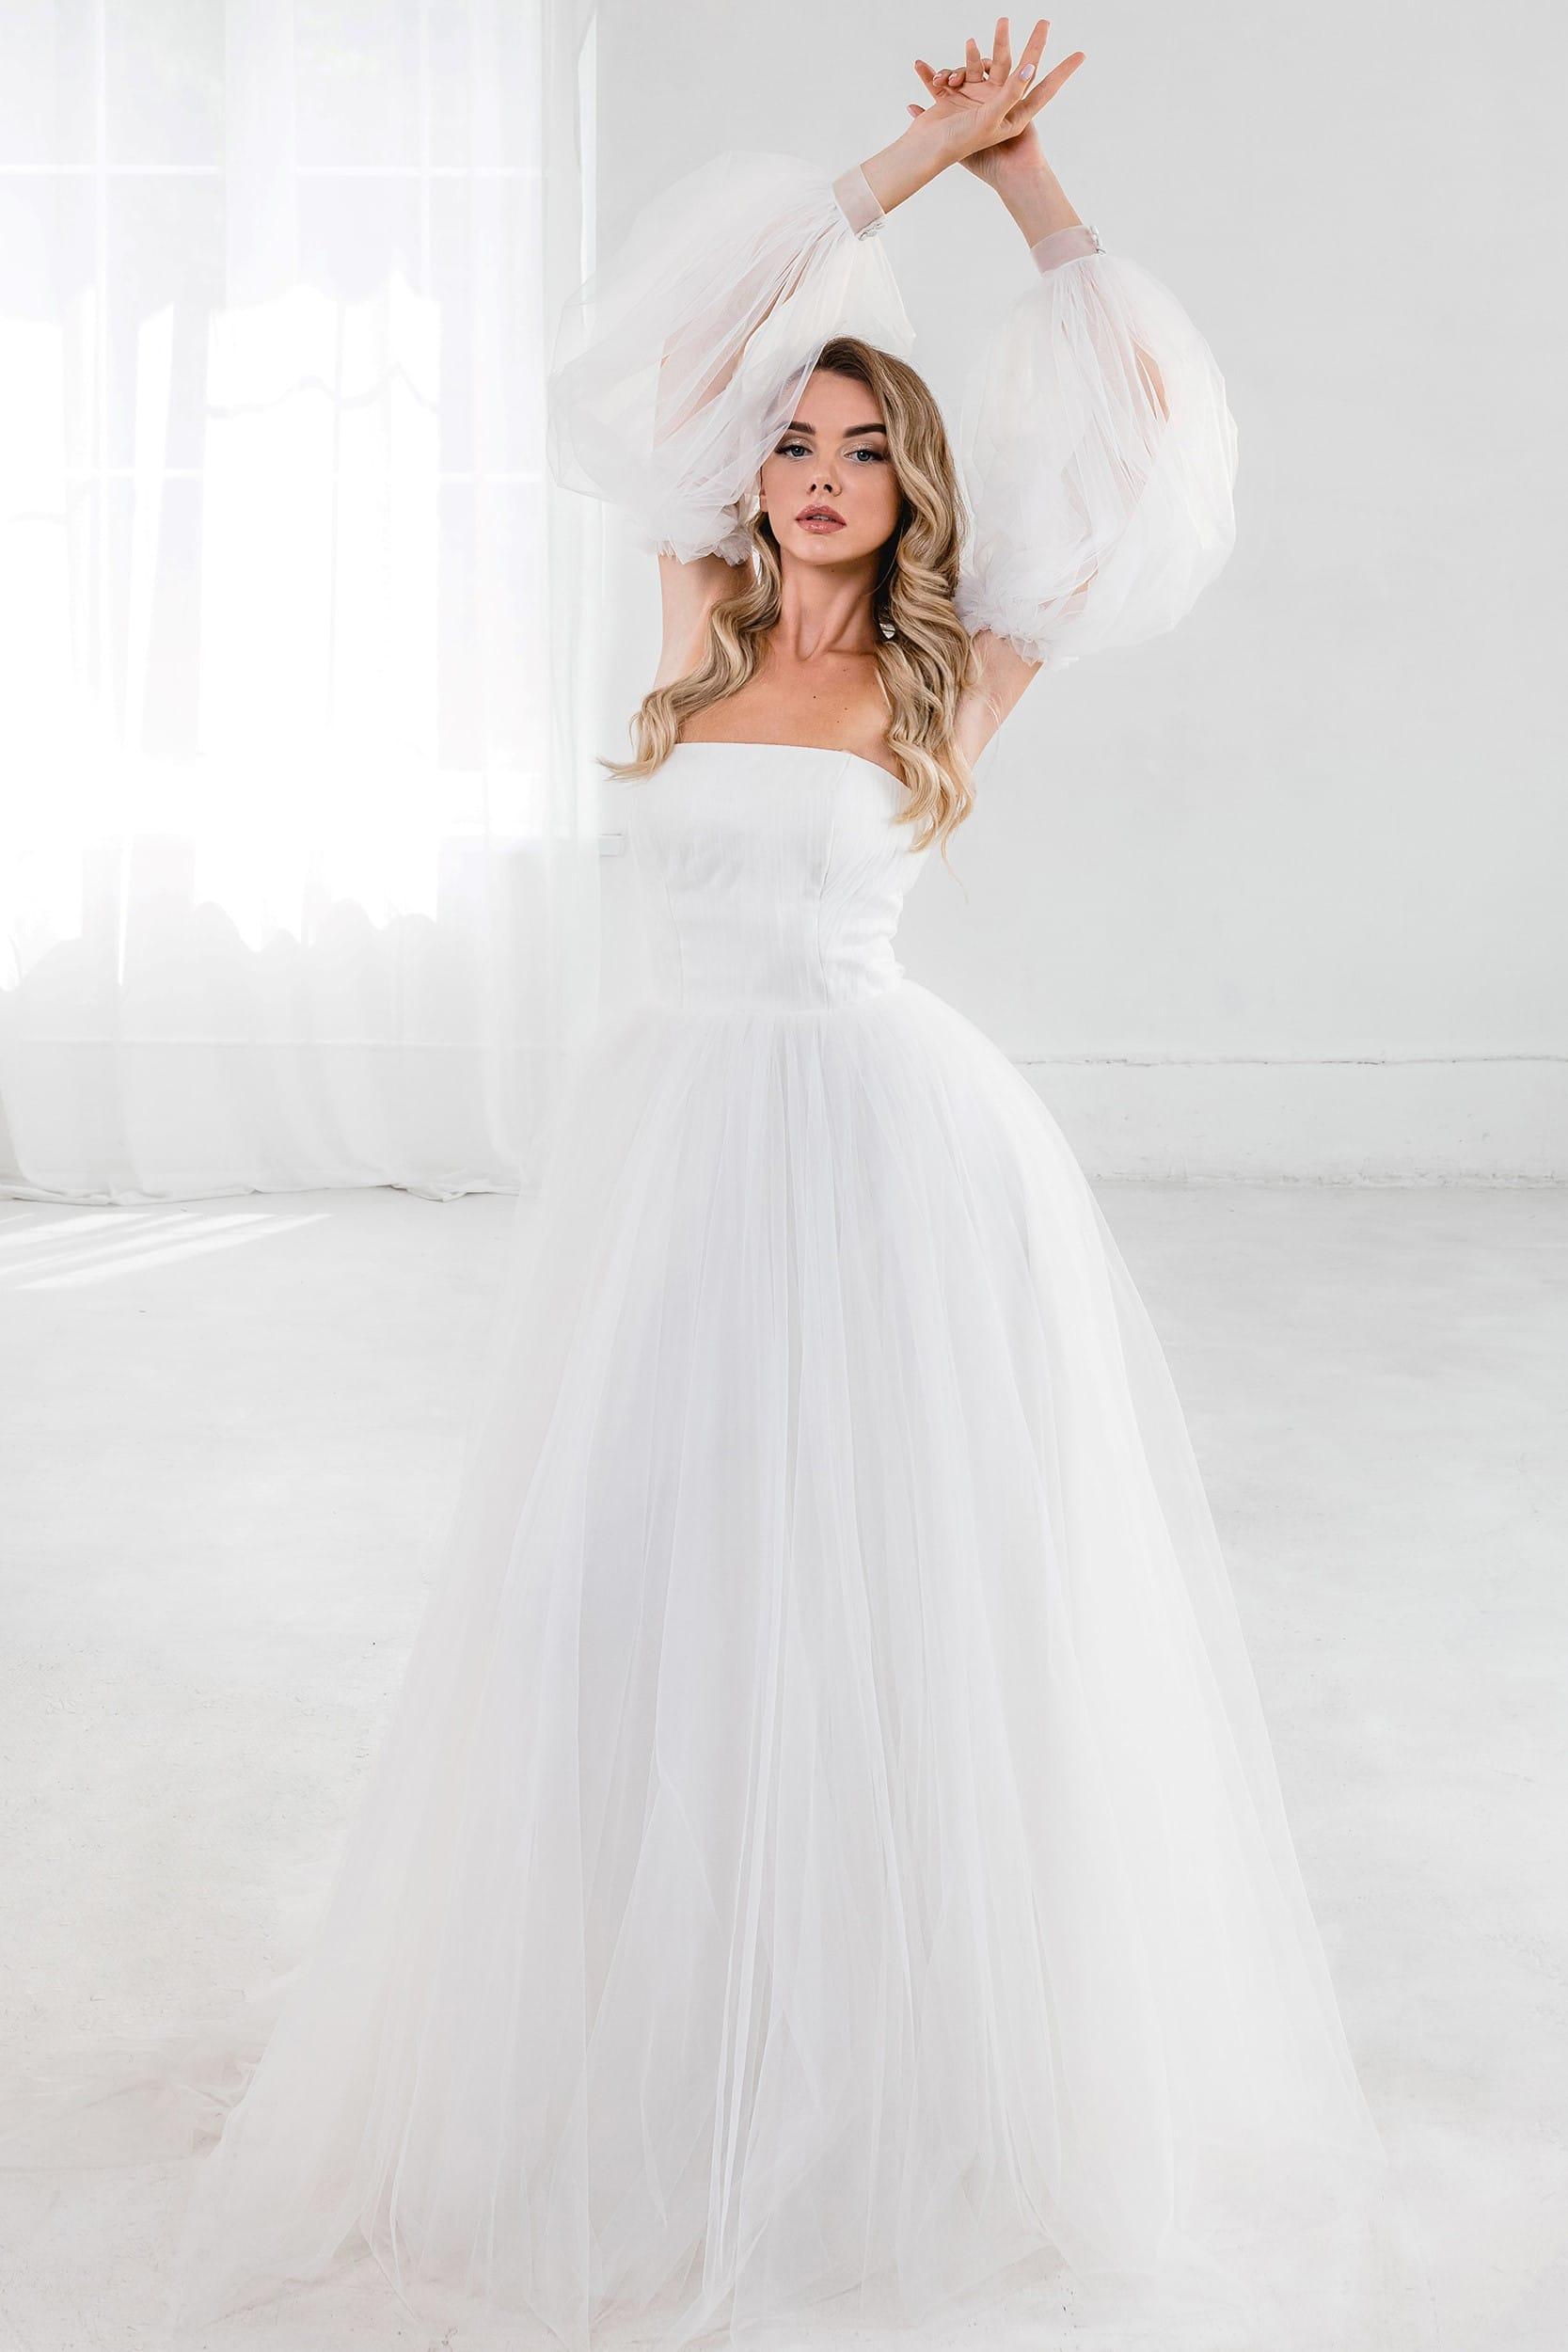 Свадебное платье с необычными рукавами, открытая спина, открытые плечи. Винтаж. Пышный силуэт. Молочный цвет